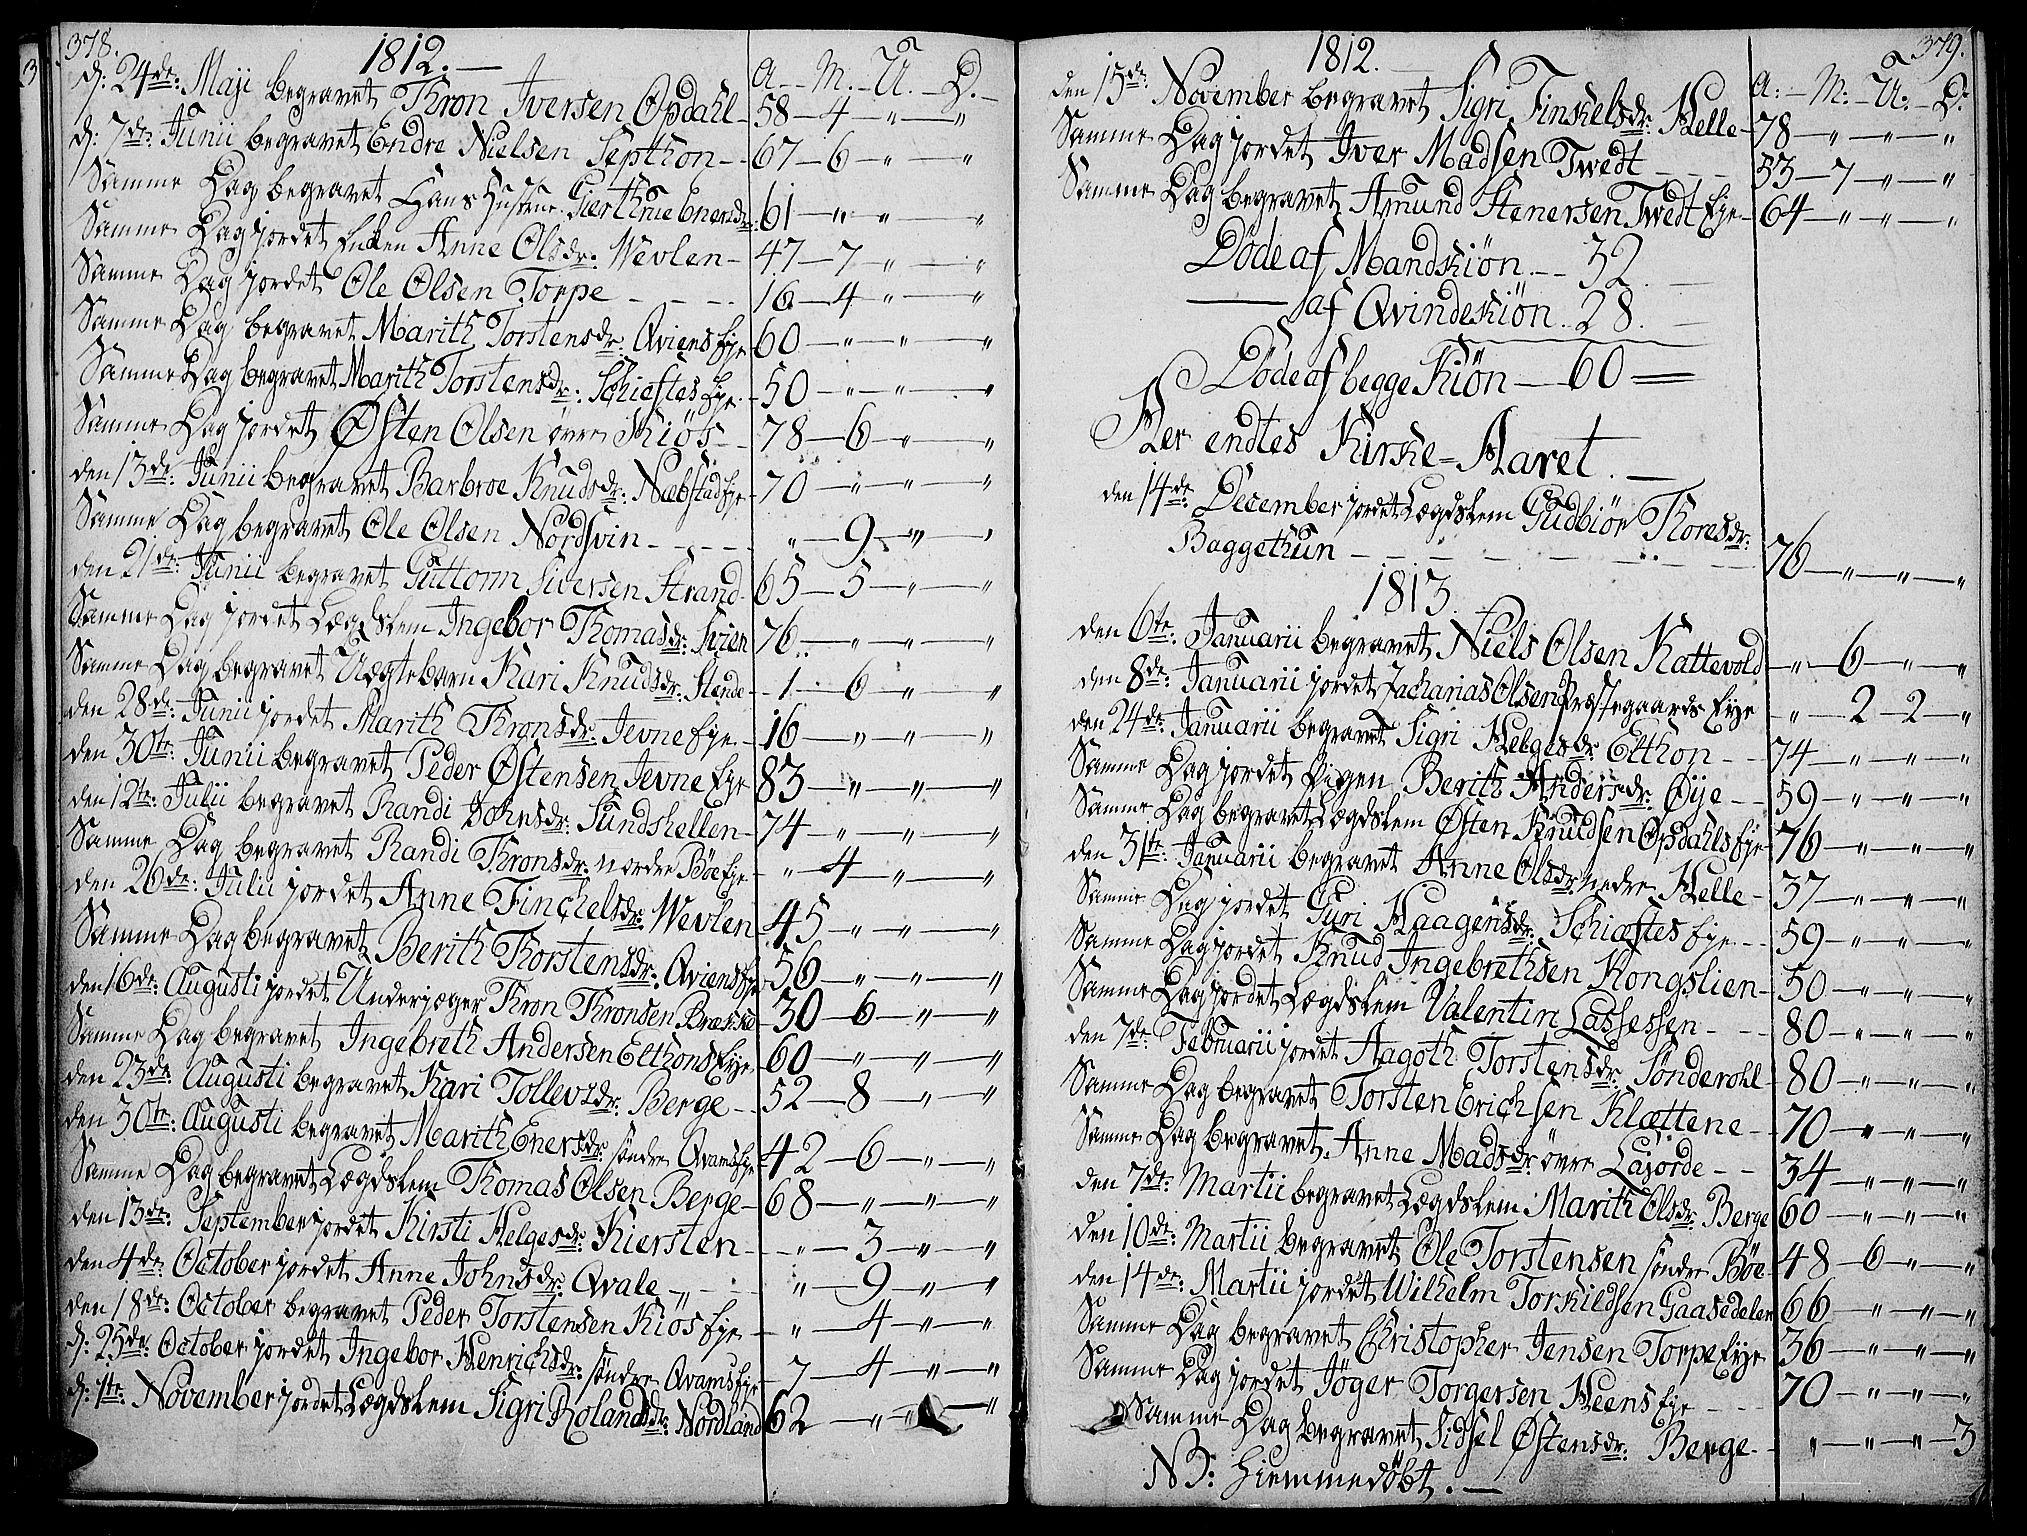 SAH, Vang prestekontor, Valdres, Ministerialbok nr. 3, 1809-1831, s. 378-379